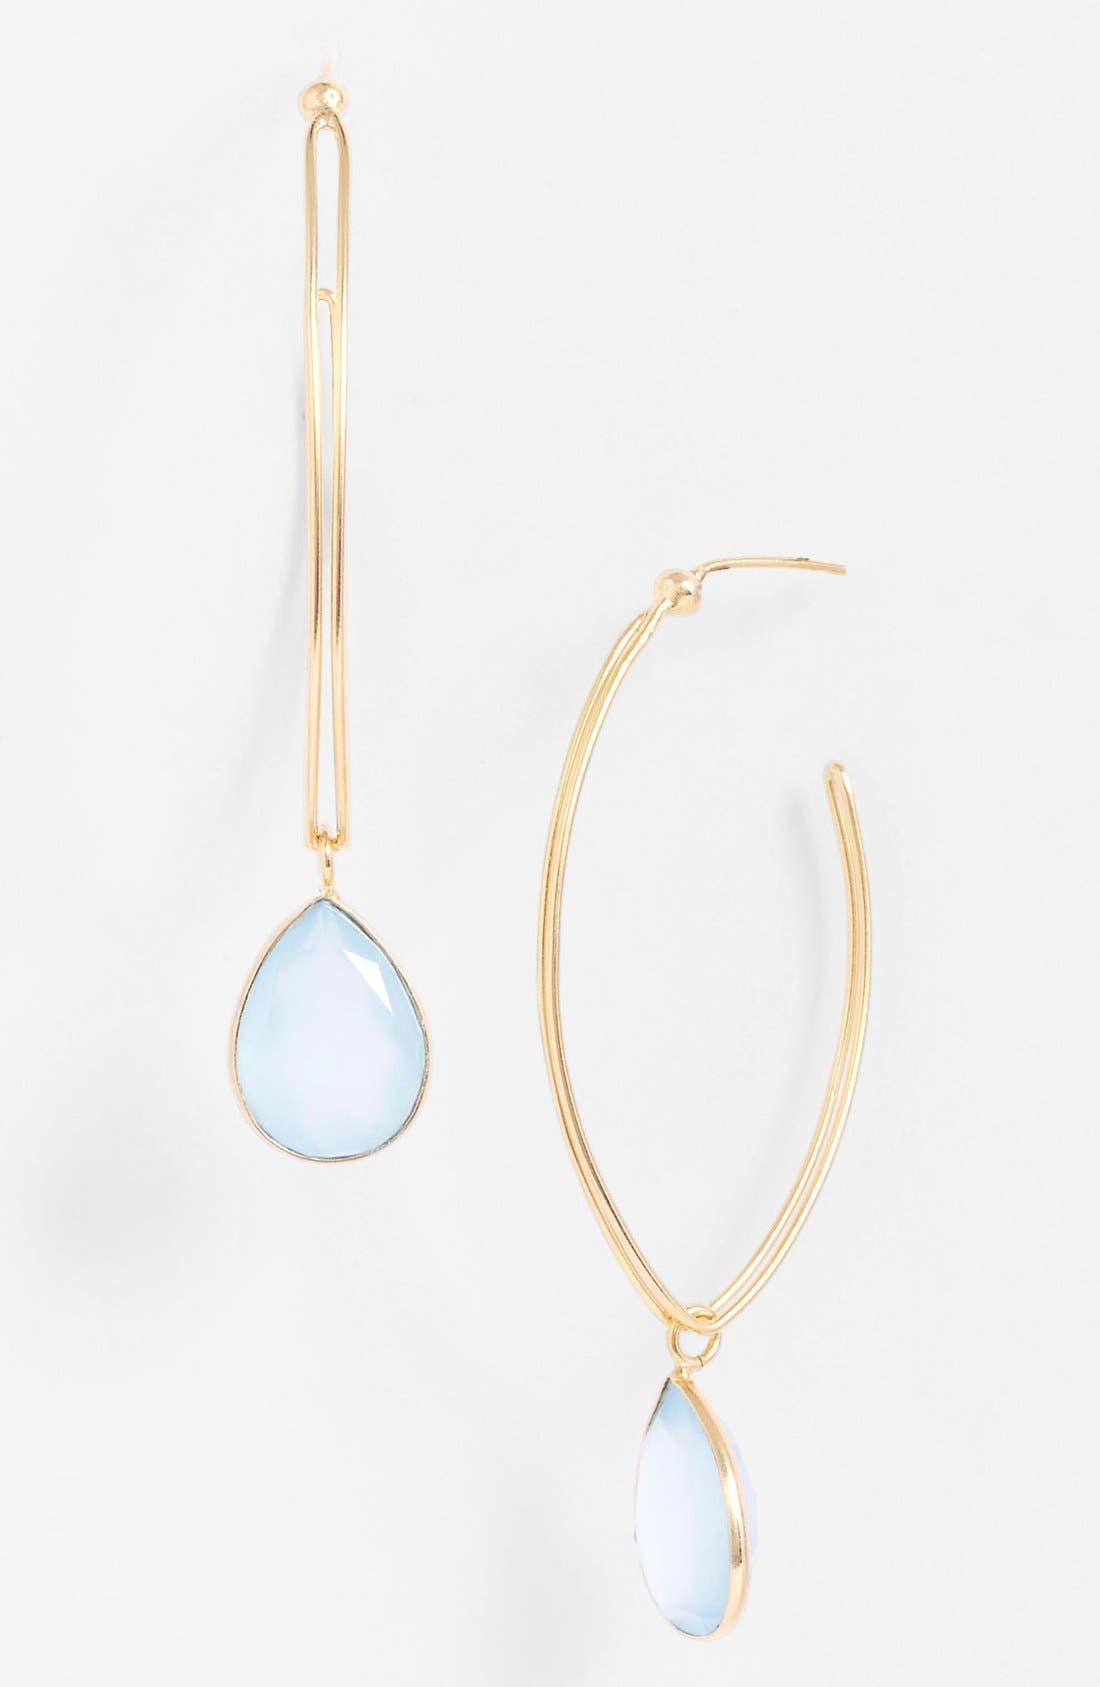 Alternate Image 1 Selected - NuNu Designs Hoop Drop Earrings